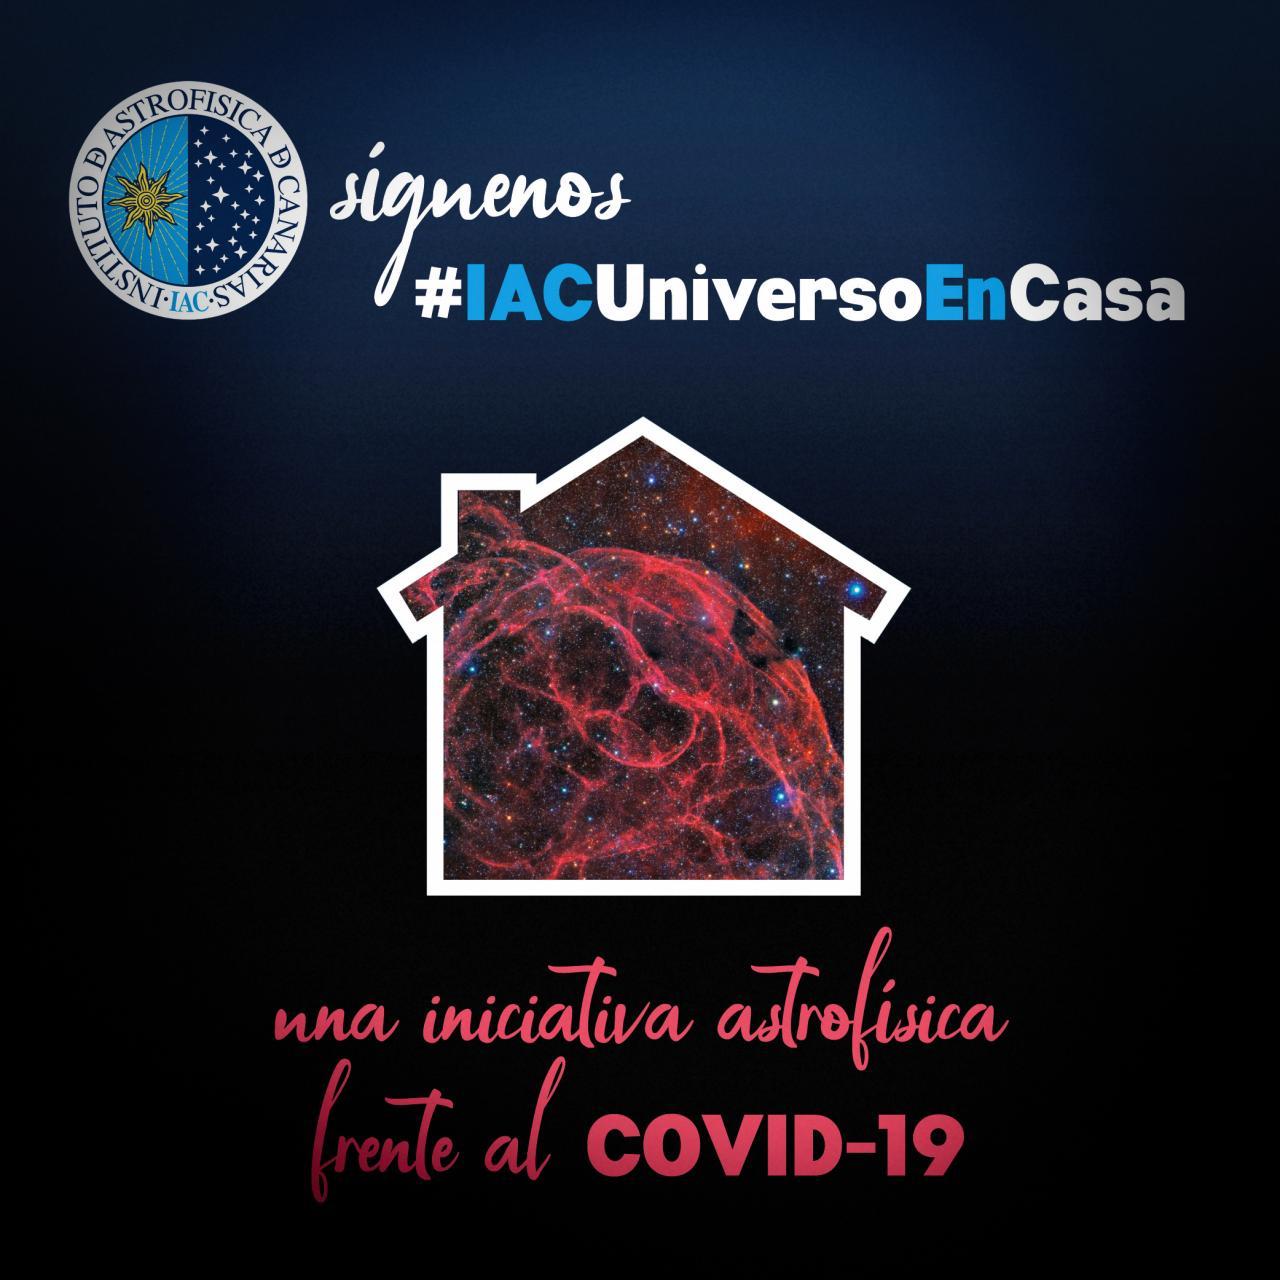 Imagen para anunciar la campaña #IACUniversoEnCasa